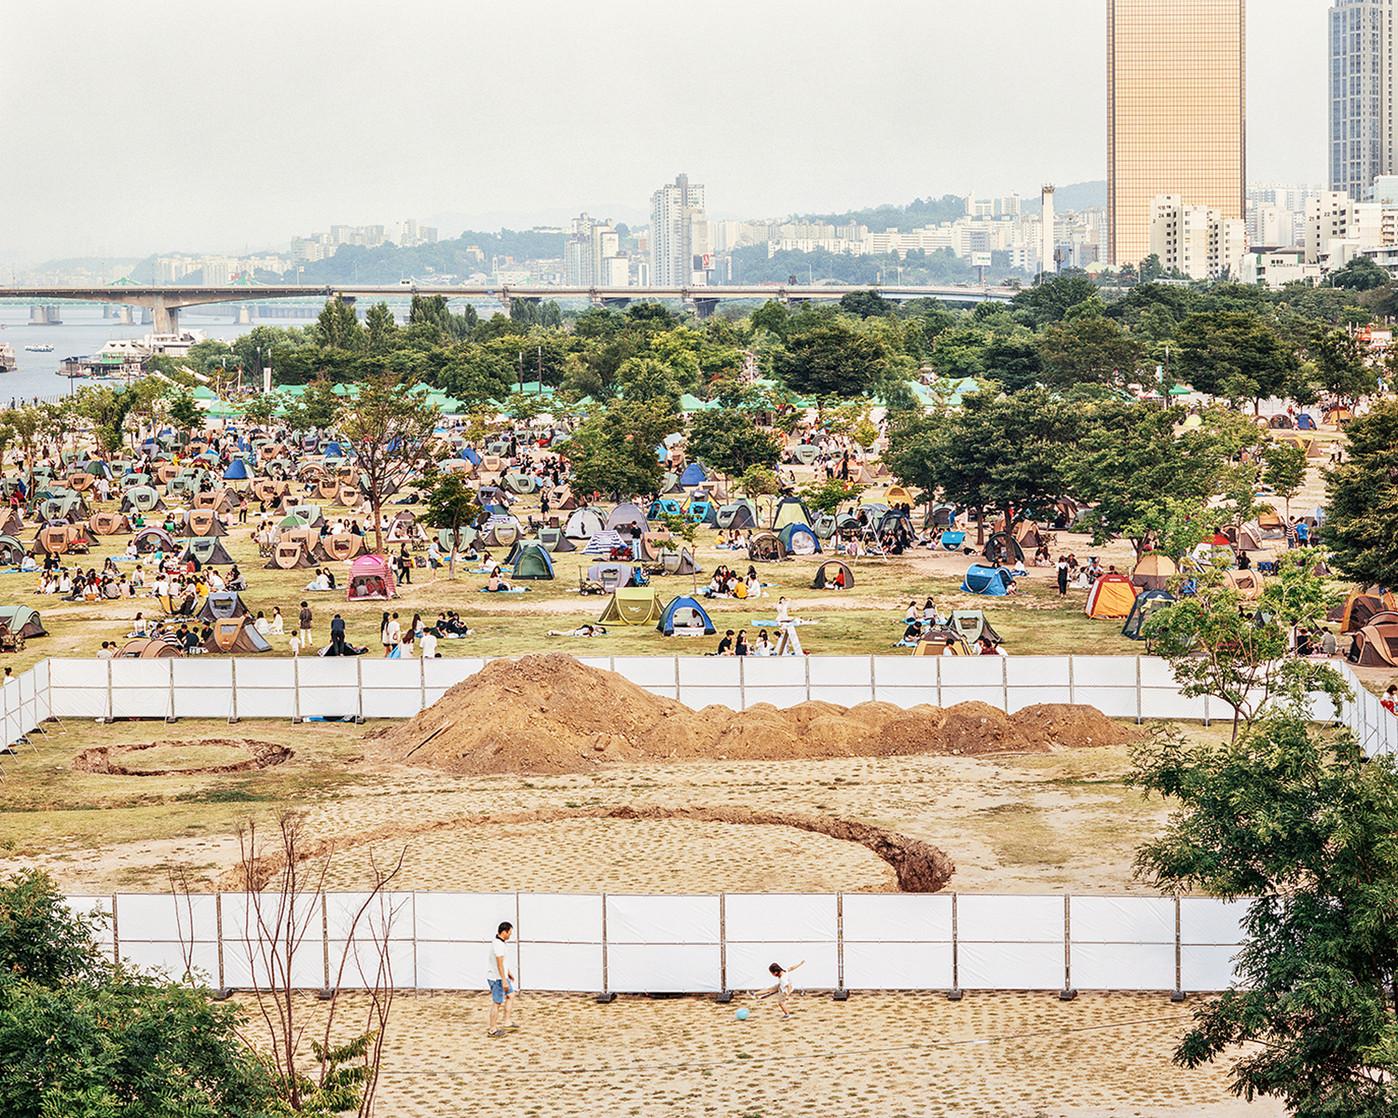 Campsite, Seoul, August 2018